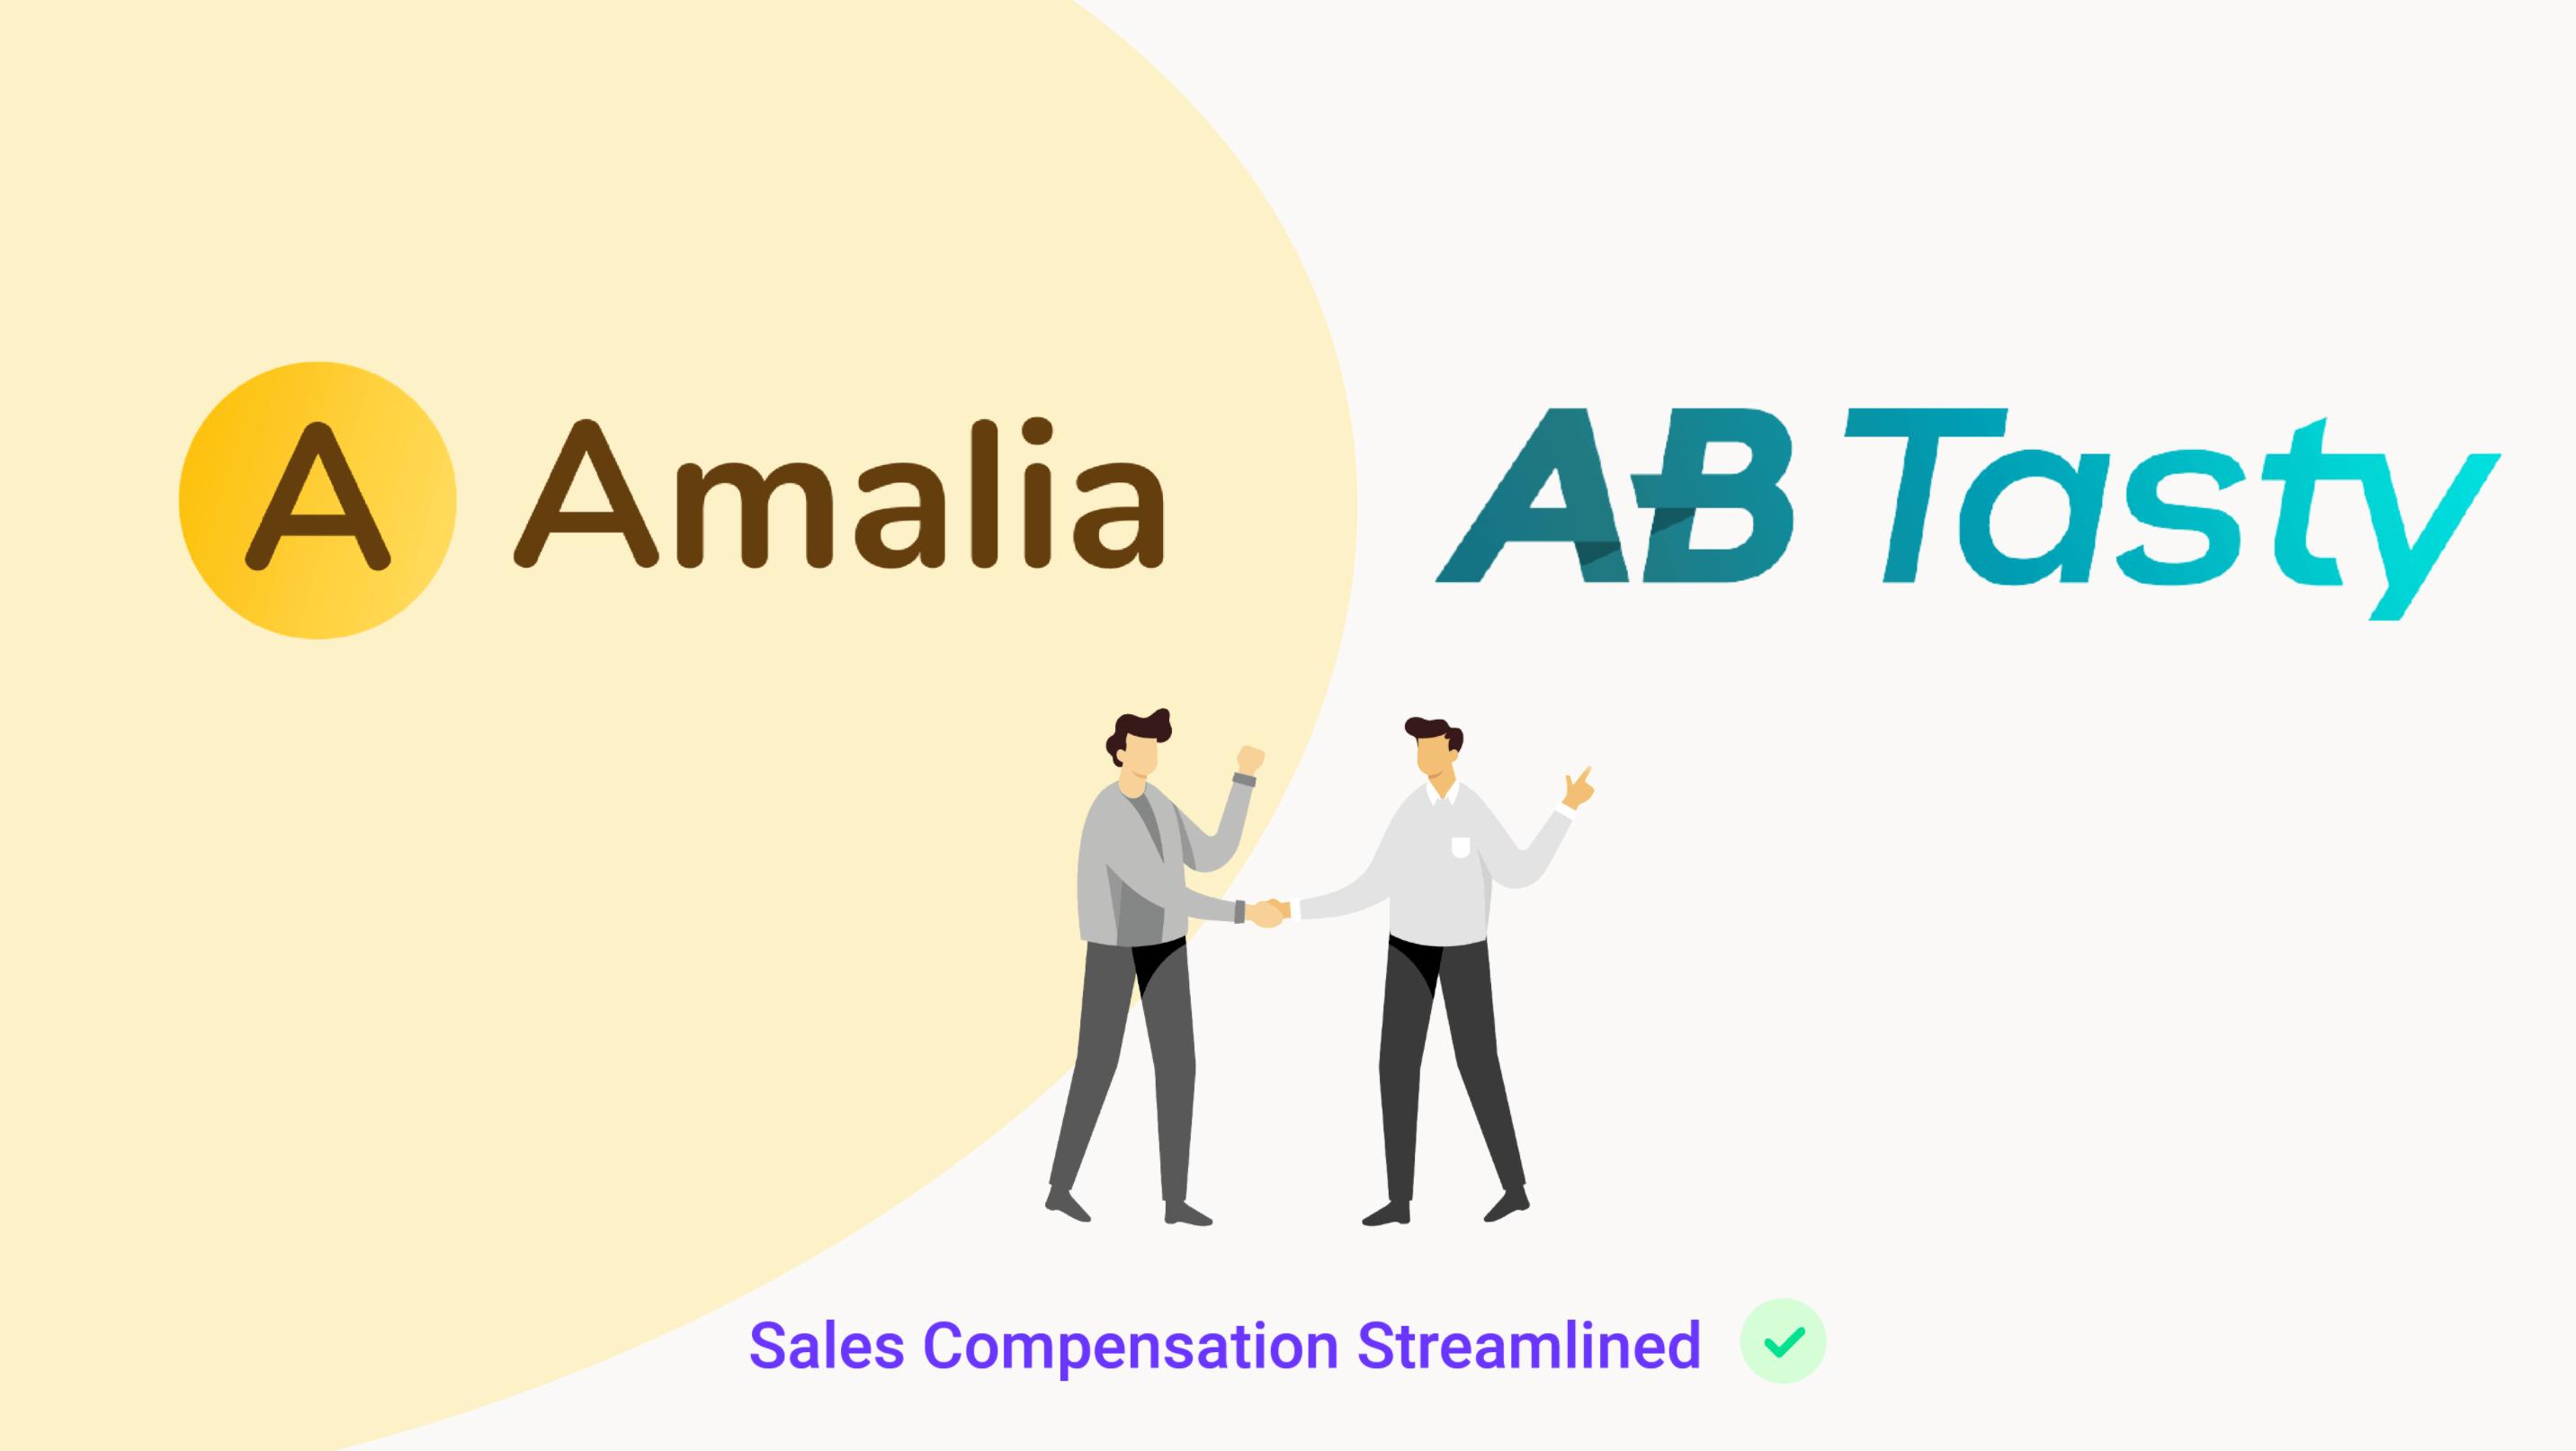 AB Tasty using Amalia